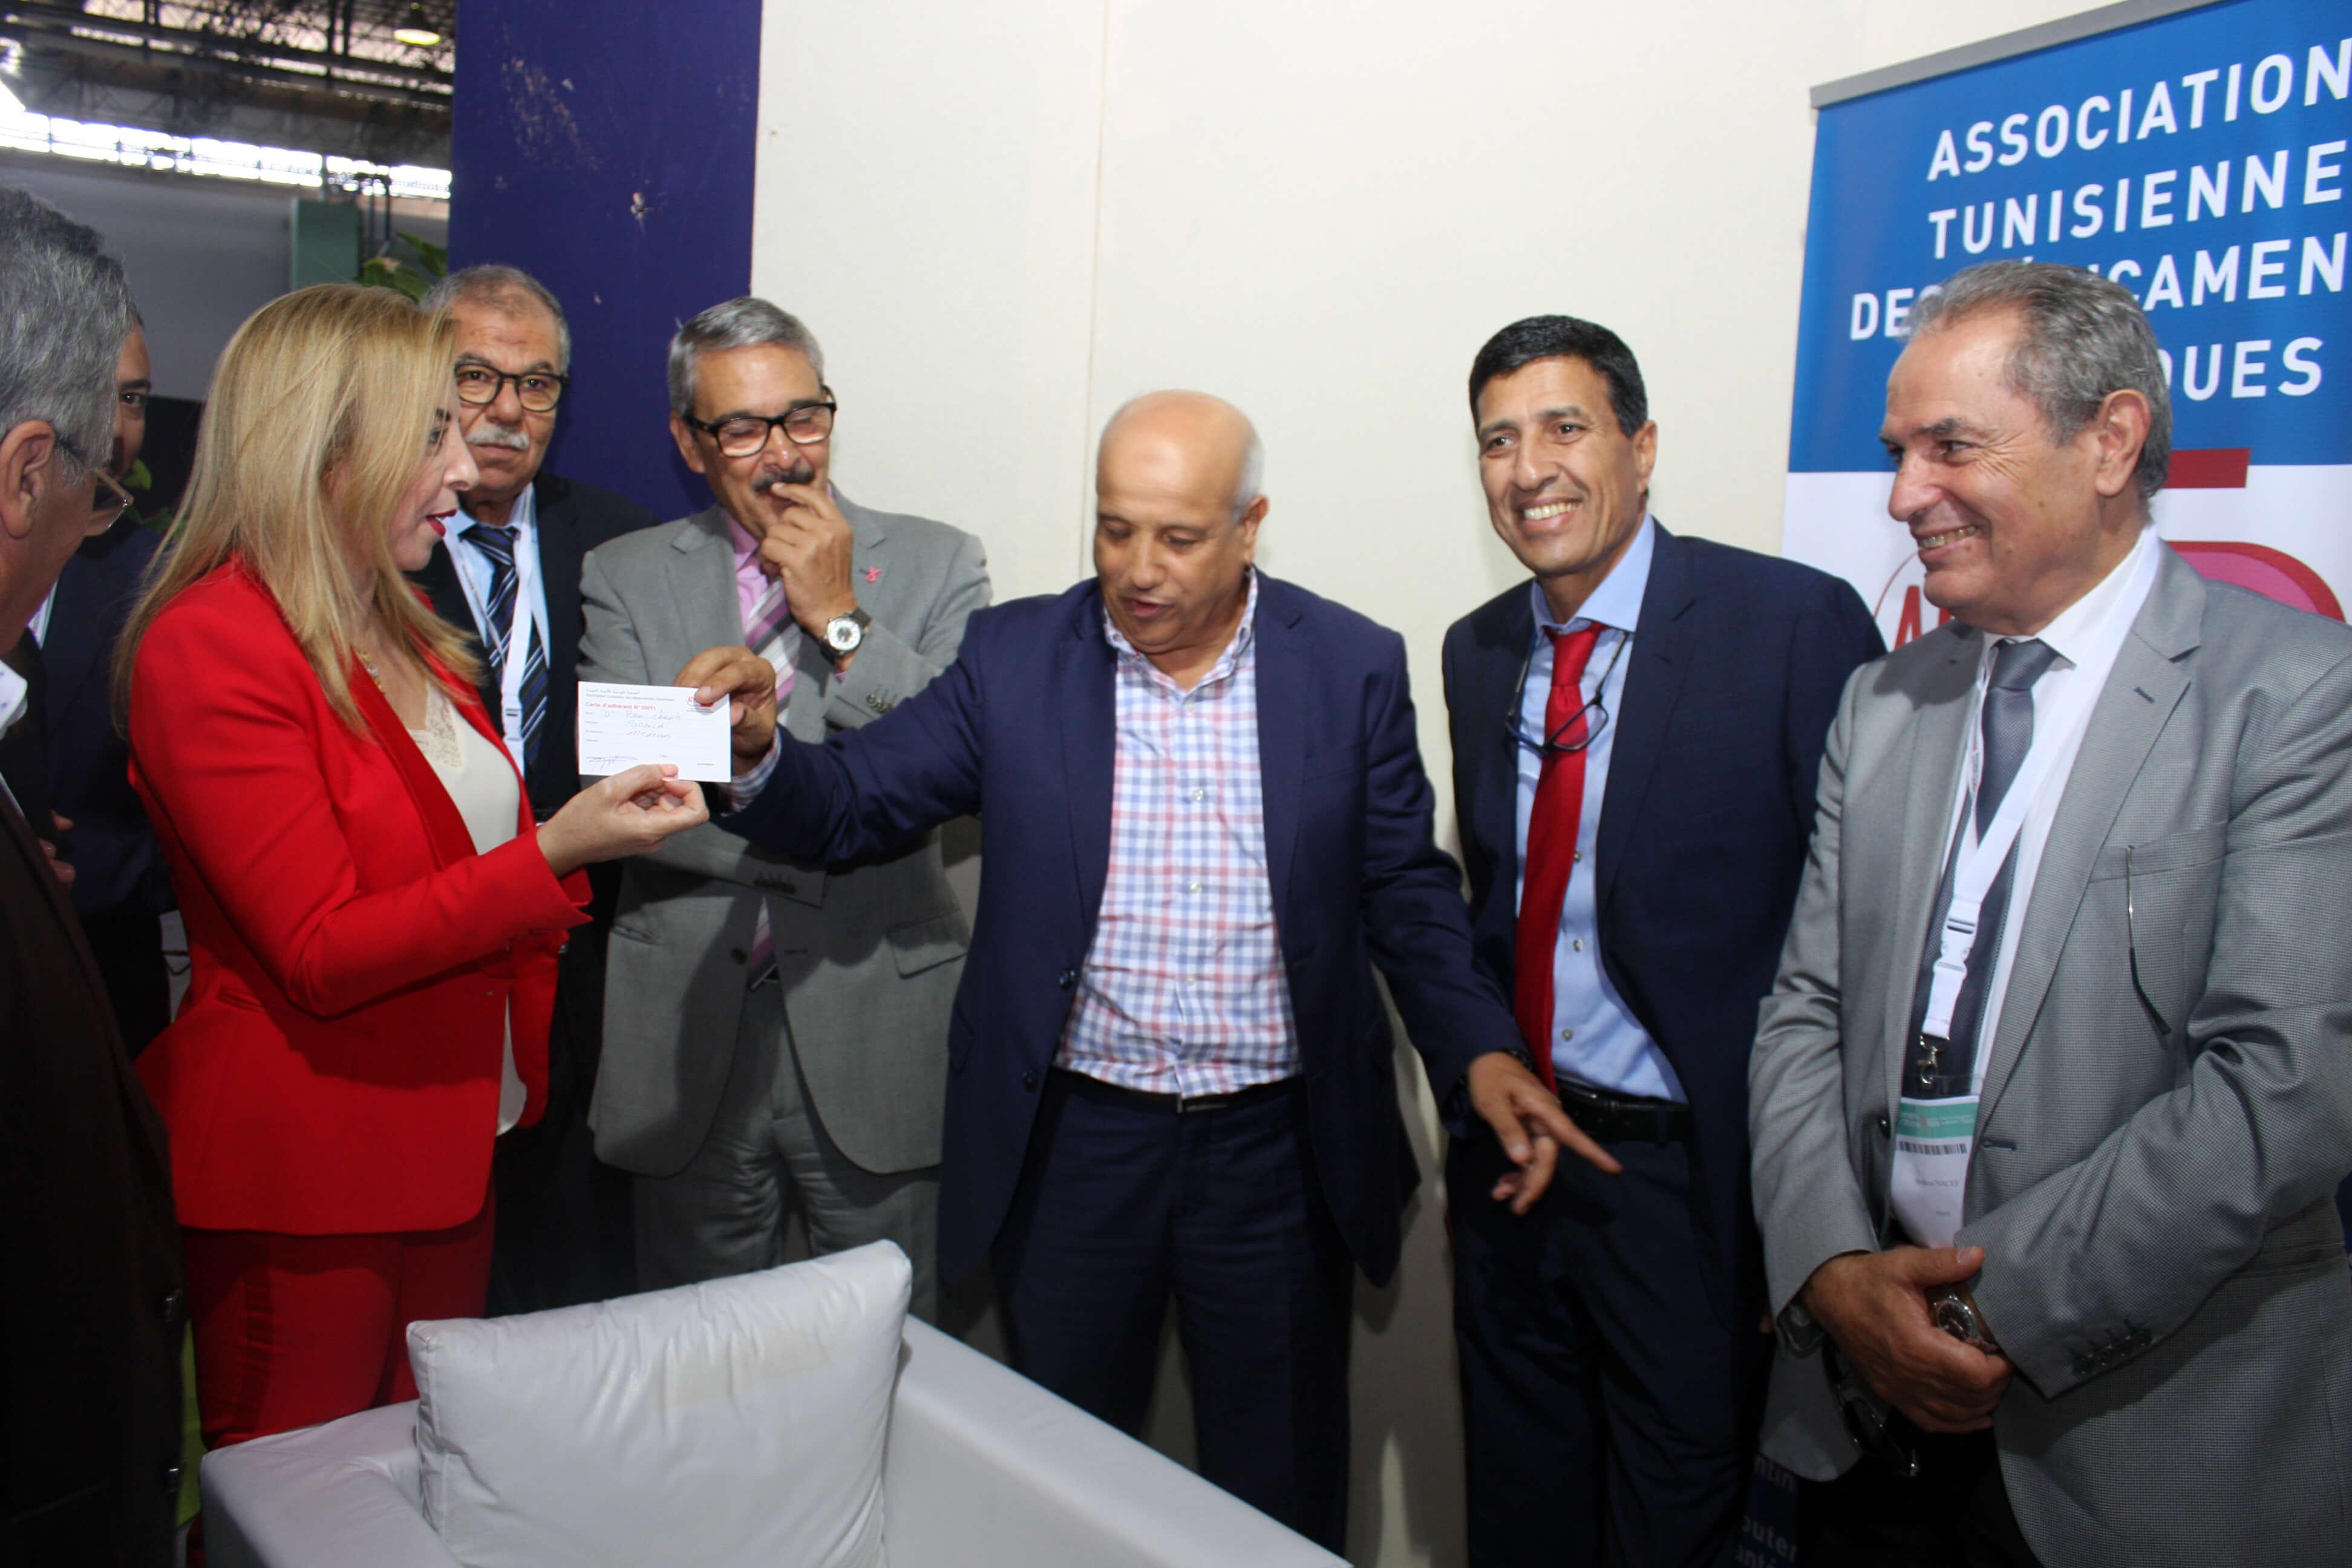 L'Association Tunisienne des Médicaments Génériques (ATMG ) voit le jour